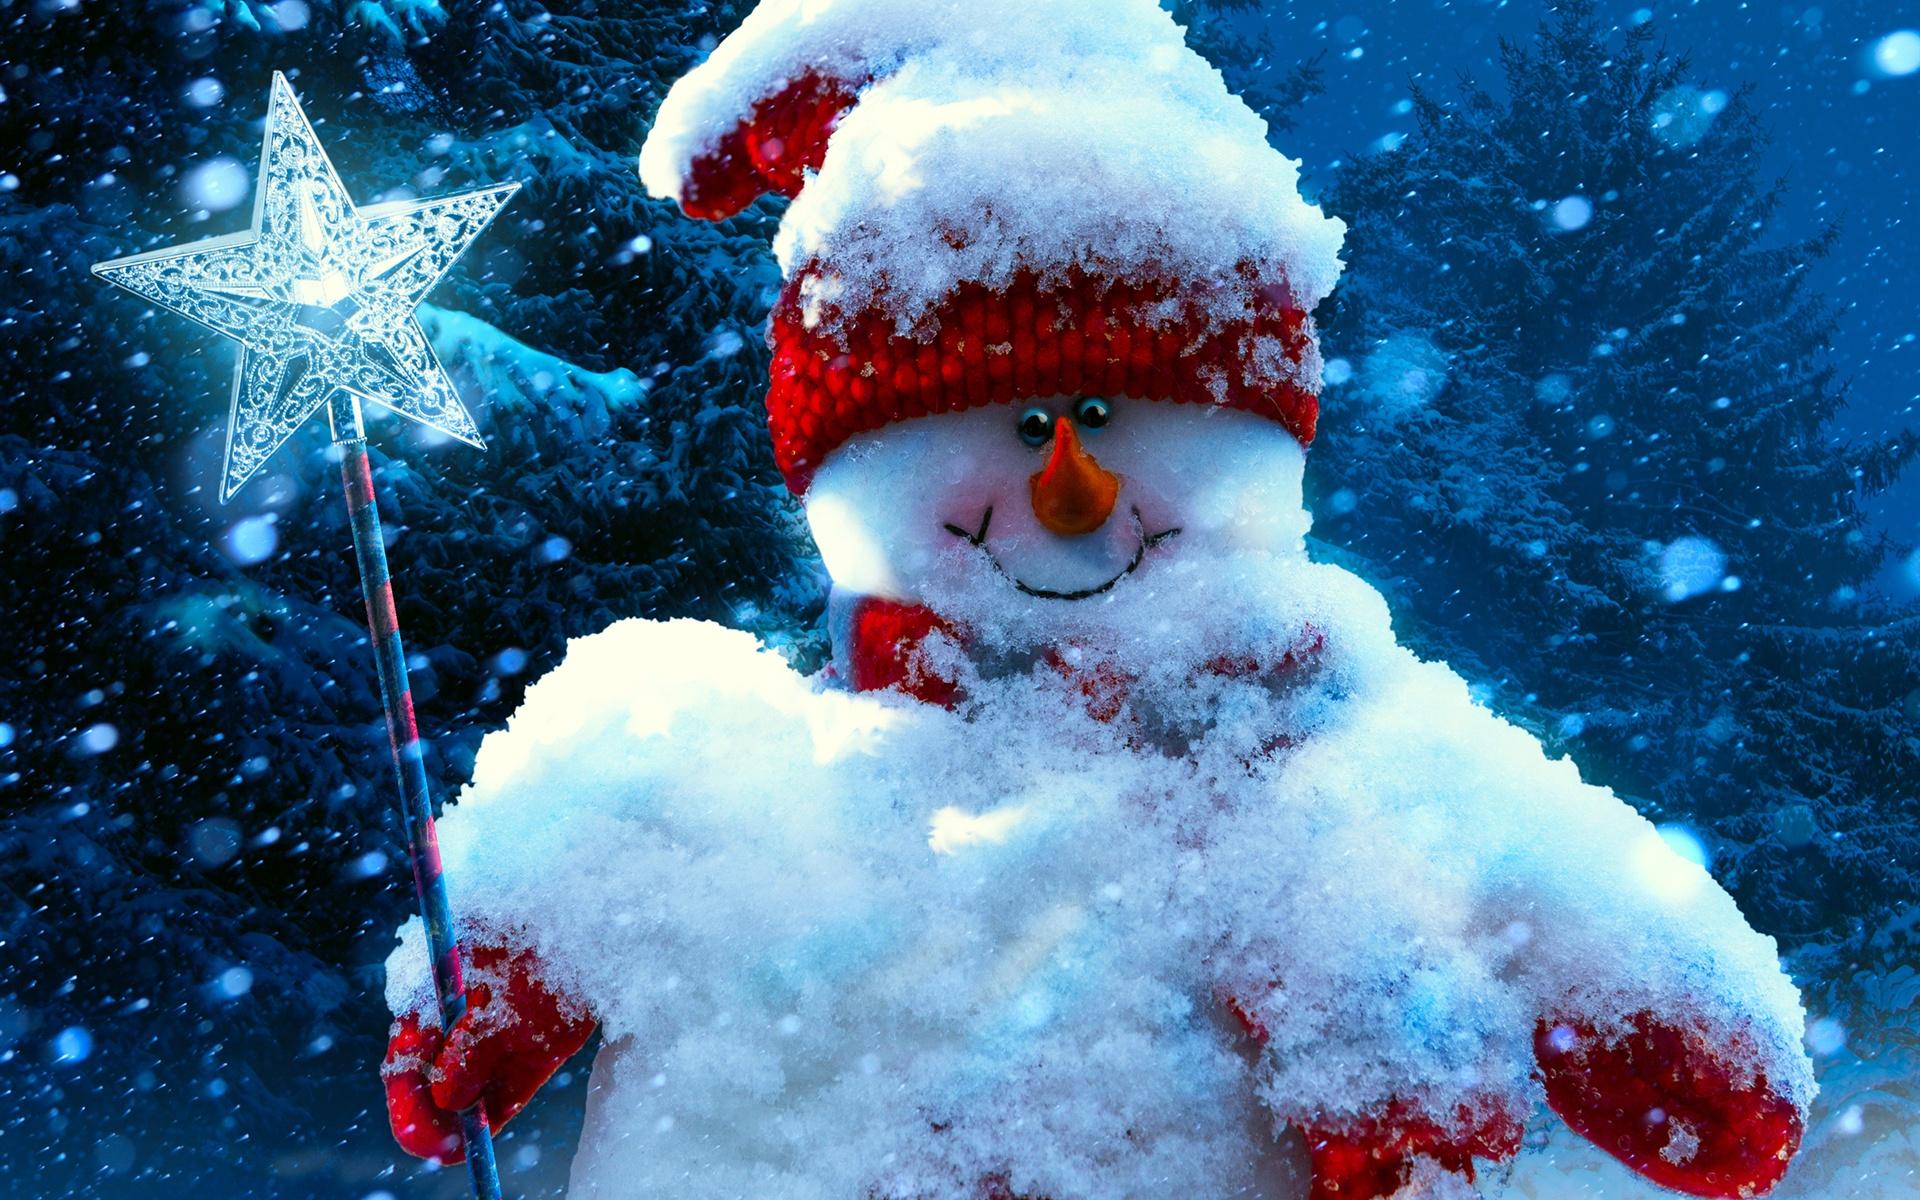 В каком году не было снега на новый год